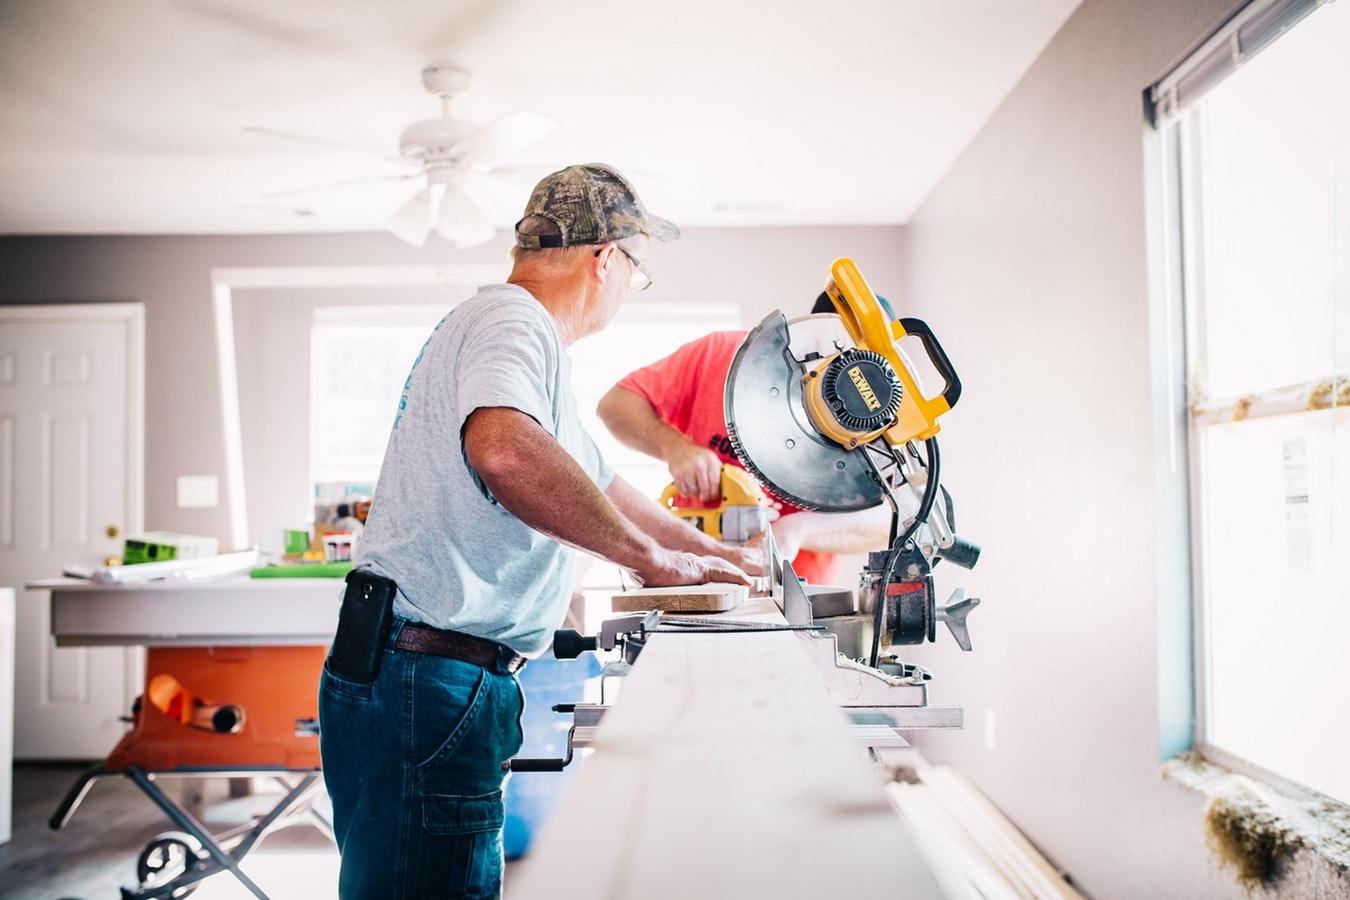 home DIY carpentry